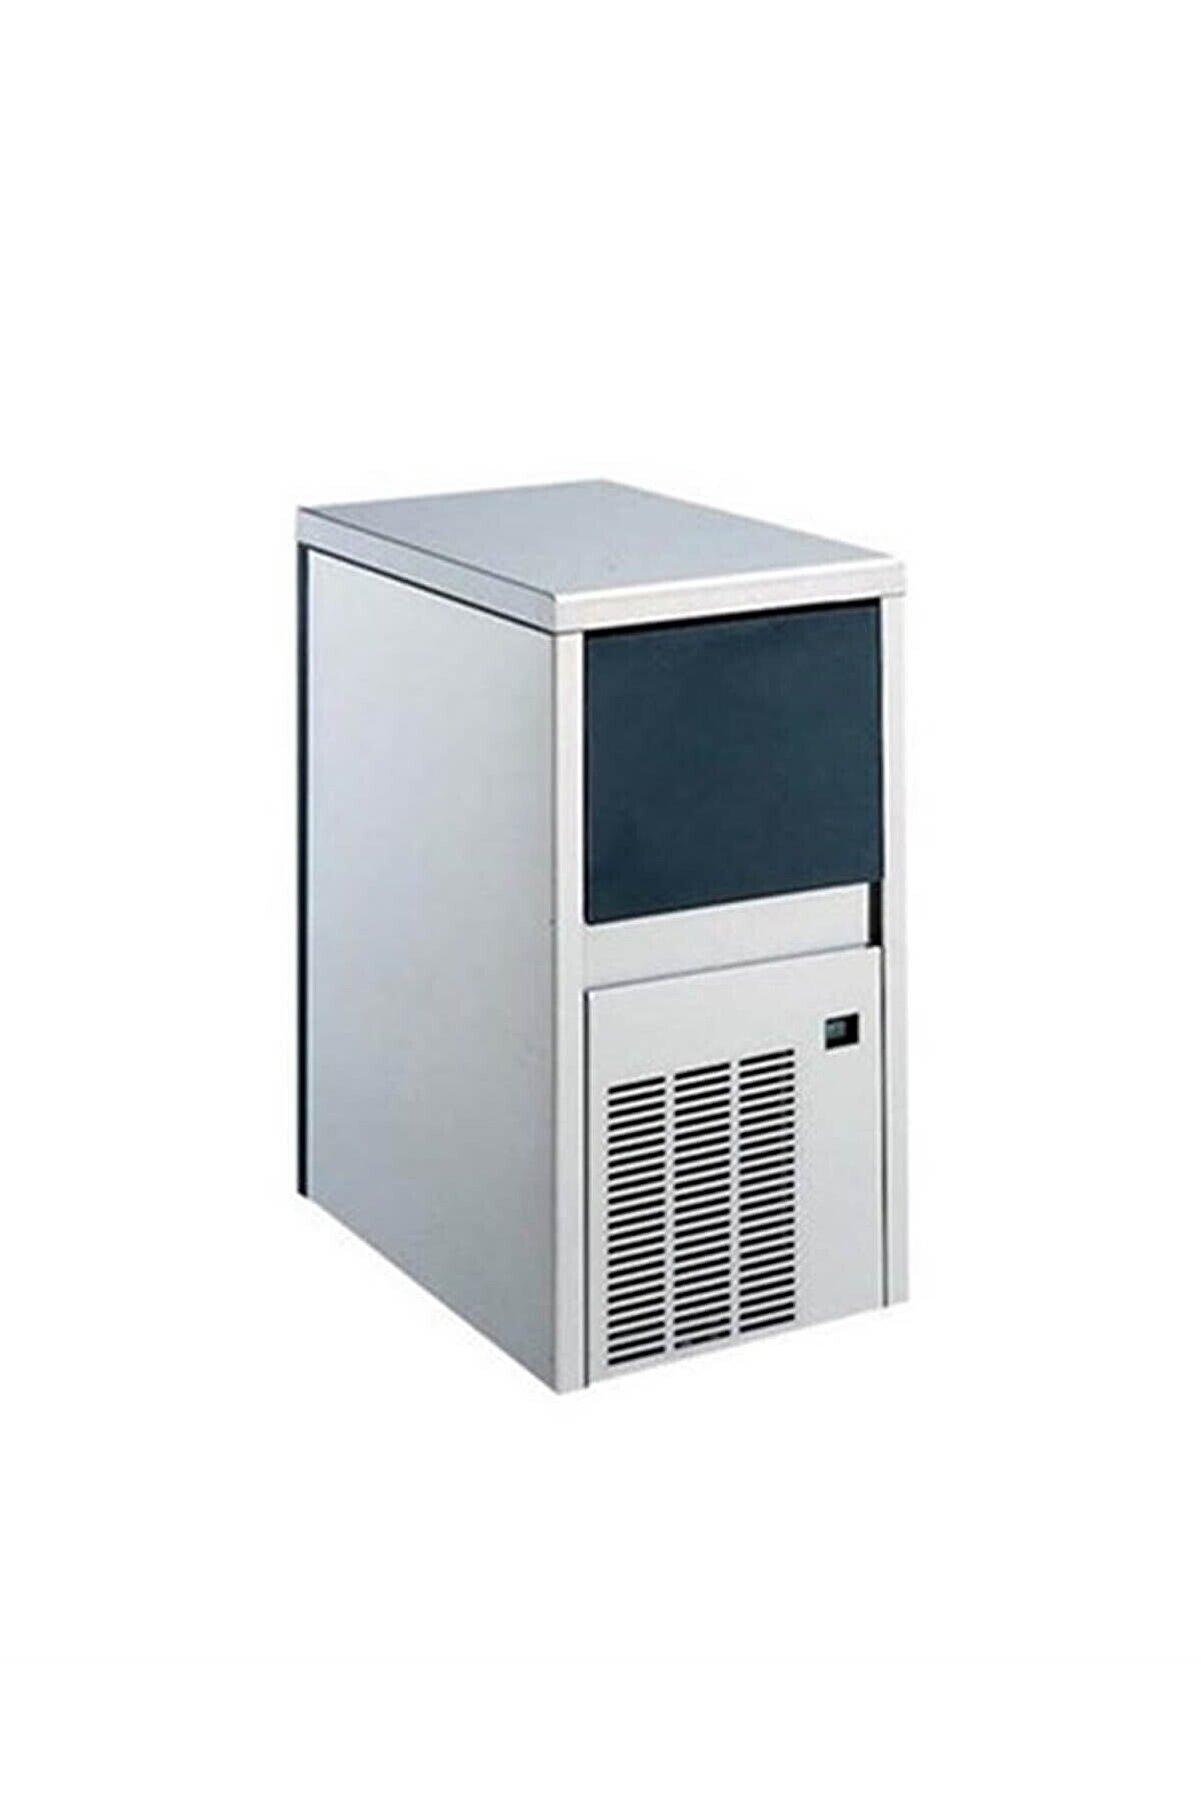 Electrolux 730525 Küp Buz Makinesi Kendinden Hazneli 42 kg/gün